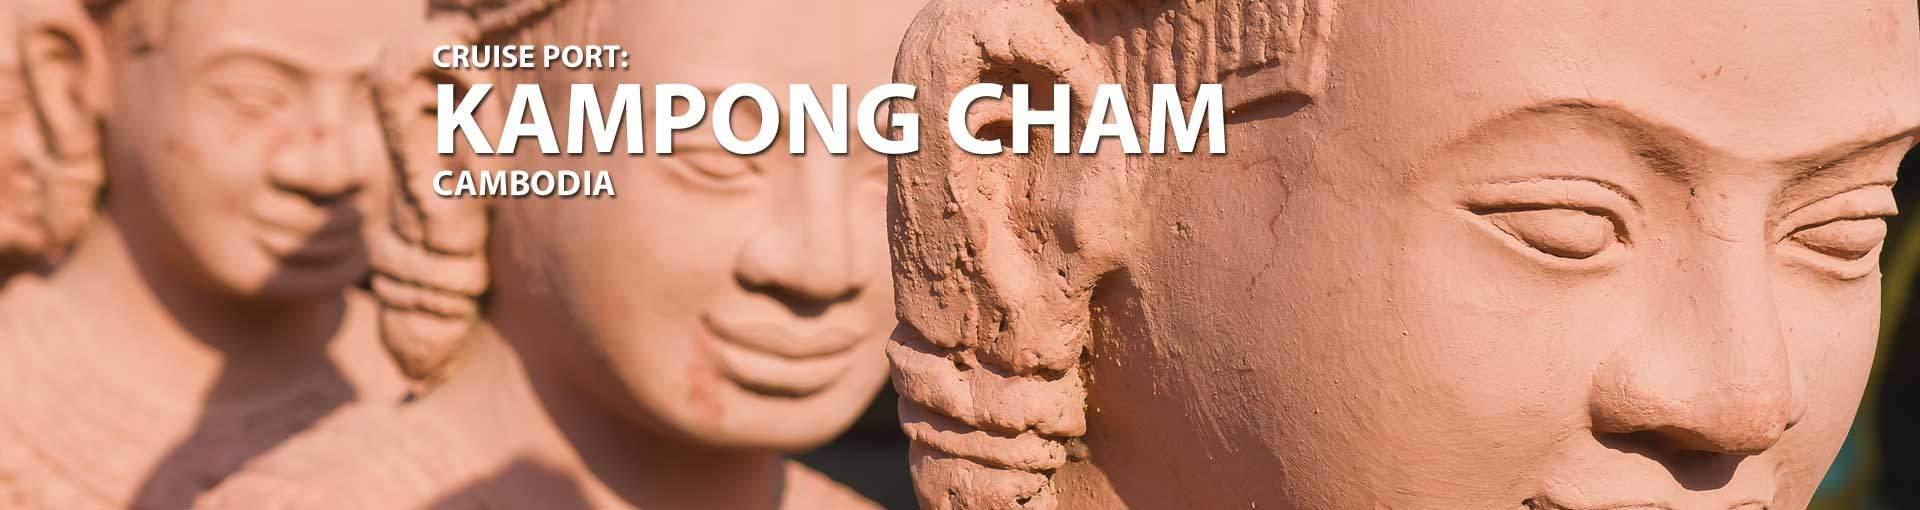 Cruises to Kampong Cham, Cambodia